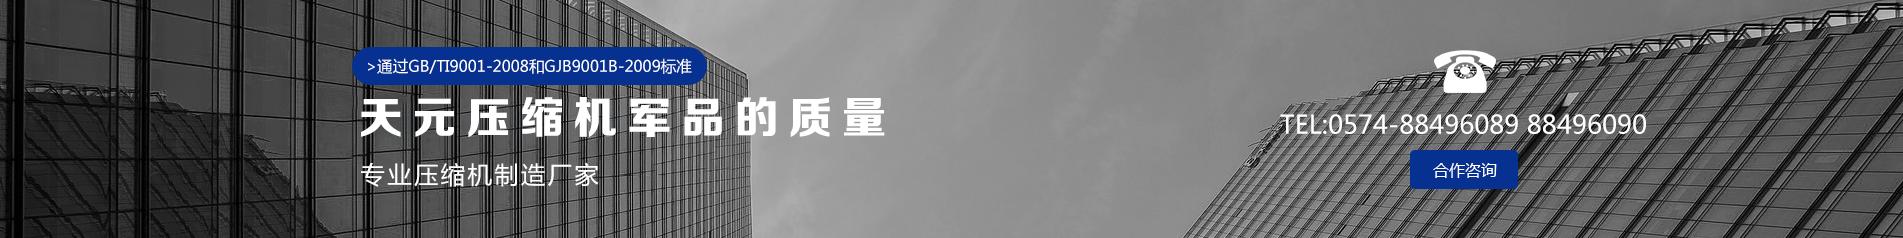 宁波天元压缩机有限公司